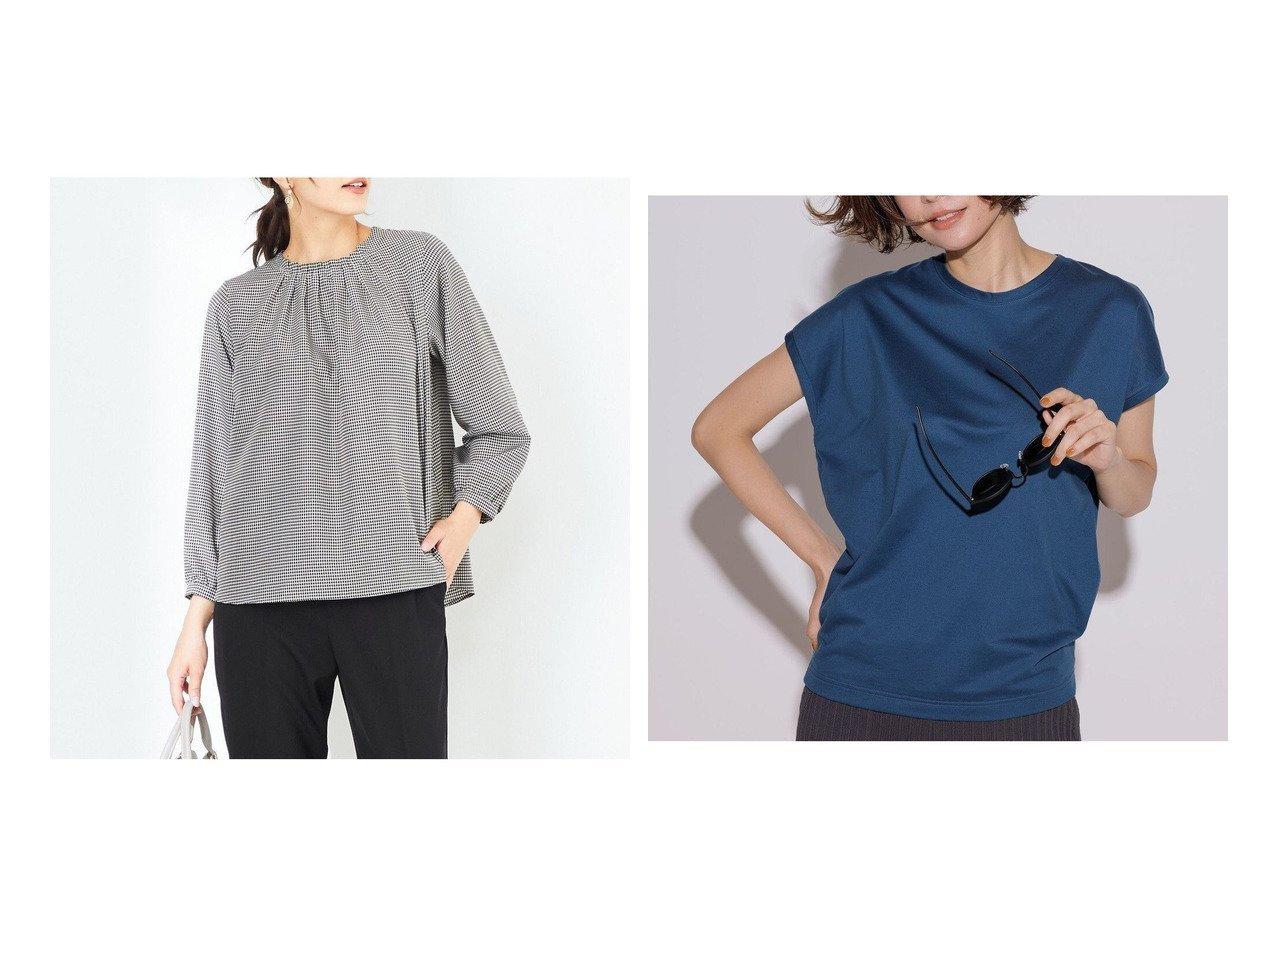 【any SiS/エニィ スィス】の【洗える】タックネック ブラウス&【NIJYUSANKU/23区】のコットンジャージー フレンチスリーブ Tシャツ 【トップス・カットソー】おすすめ!人気、トレンド・レディースファッションの通販 おすすめで人気の流行・トレンド、ファッションの通販商品 インテリア・家具・メンズファッション・キッズファッション・レディースファッション・服の通販 founy(ファニー) https://founy.com/ ファッション Fashion レディースファッション WOMEN トップス・カットソー Tops/Tshirt シャツ/ブラウス Shirts/Blouses ロング / Tシャツ T-Shirts カットソー Cut and Sewn 送料無料 Free Shipping クラシカル チェック 夏 Summer 洗える 秋 Autumn/Fall インナー カットソー ジャケット ジャージー スリーブ 人気 フレンチ ボトム ポケット リラックス 冬 Winter A/W・秋冬 AW・Autumn/Winter・FW・Fall-Winter 2021年 2021 2021-2022秋冬・A/W AW・Autumn/Winter・FW・Fall-Winter・2021-2022  ID:crp329100000060634